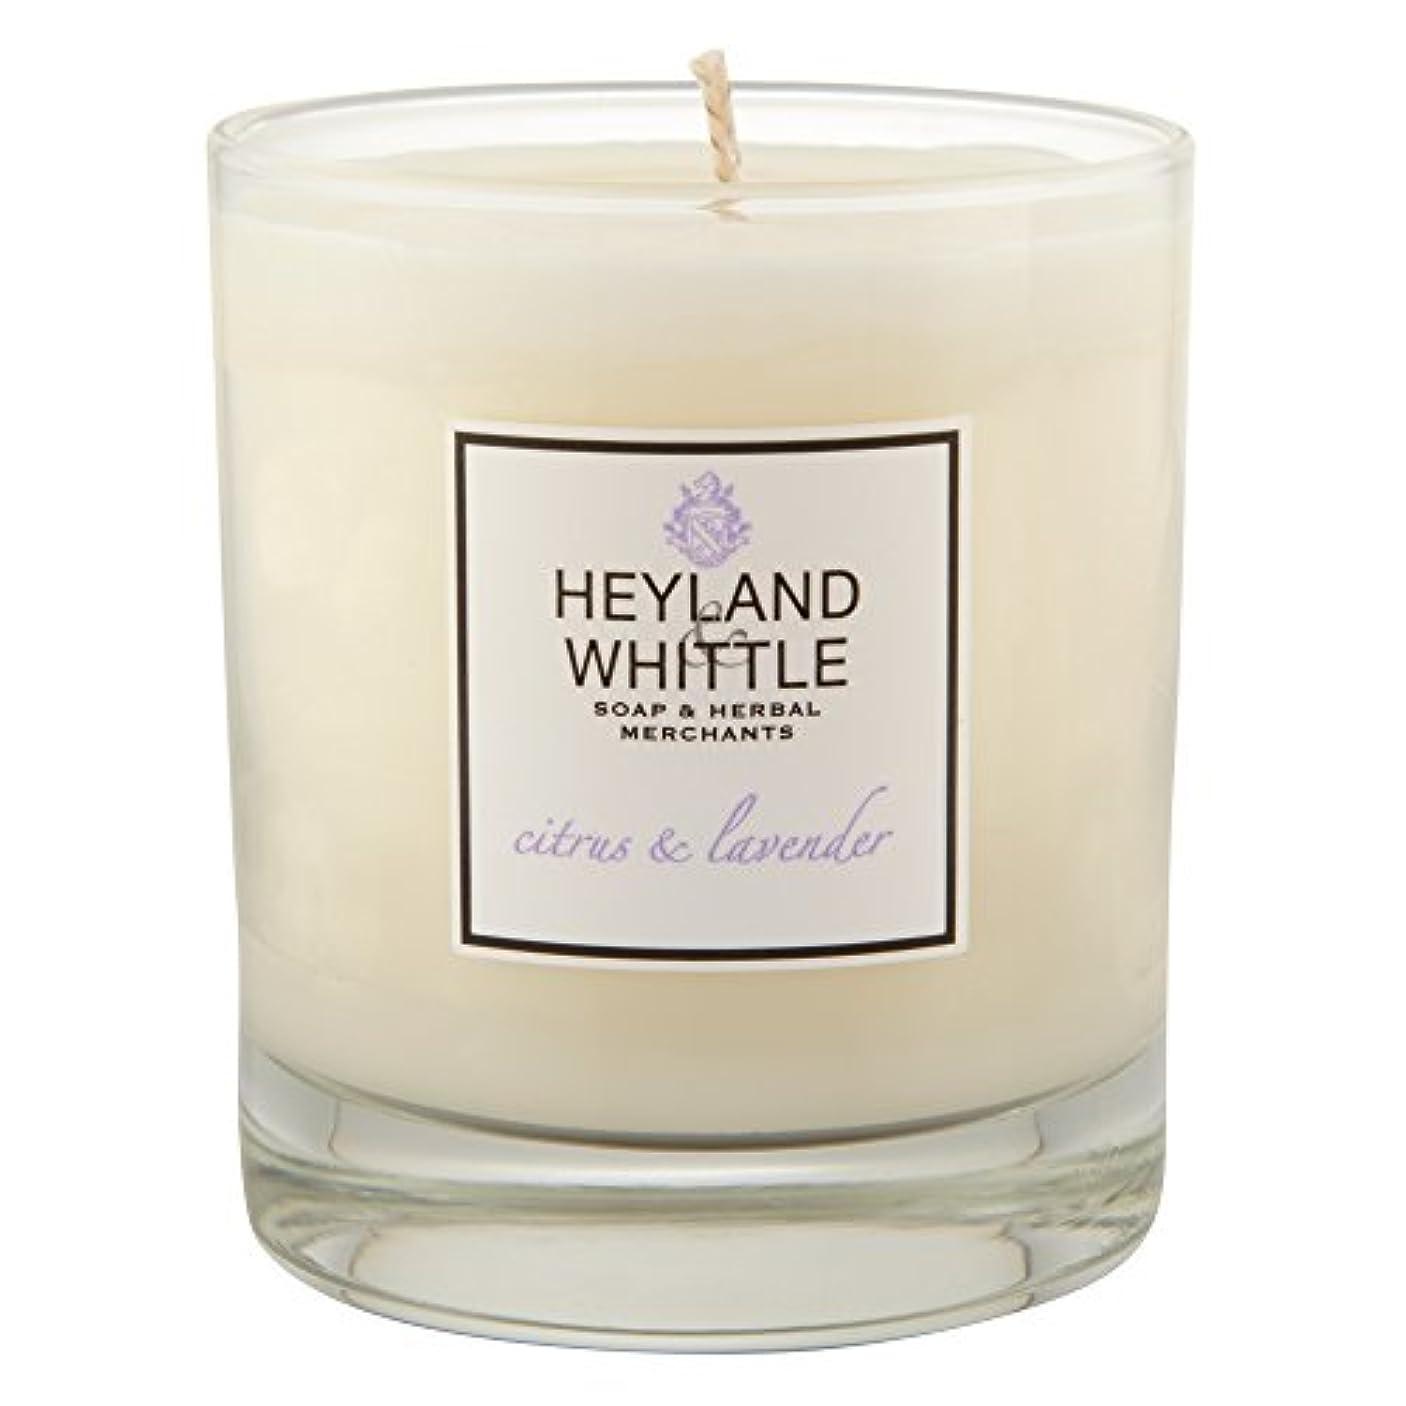 転送クールスクリューHeyland & Whittle Citrus and Lavender Candle (Pack of 2) - Heyland&削るシトラスとラベンダーキャンドル (Heyland & Whittle) (x2)...